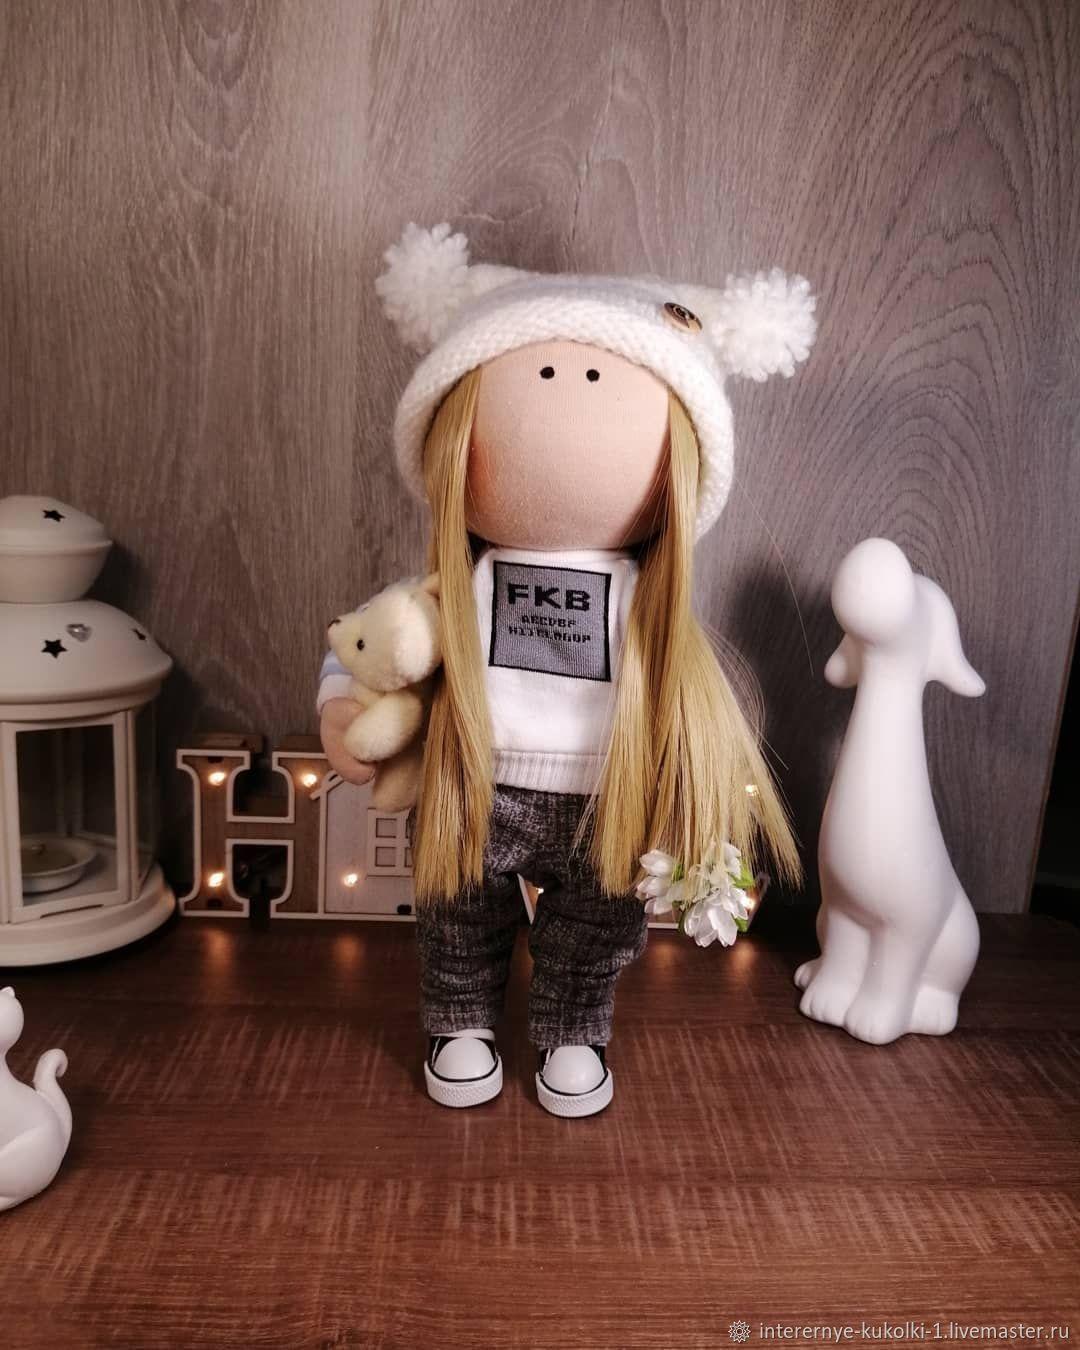 Интерьерная кукла, Тыквоголовка, Фурманов,  Фото №1